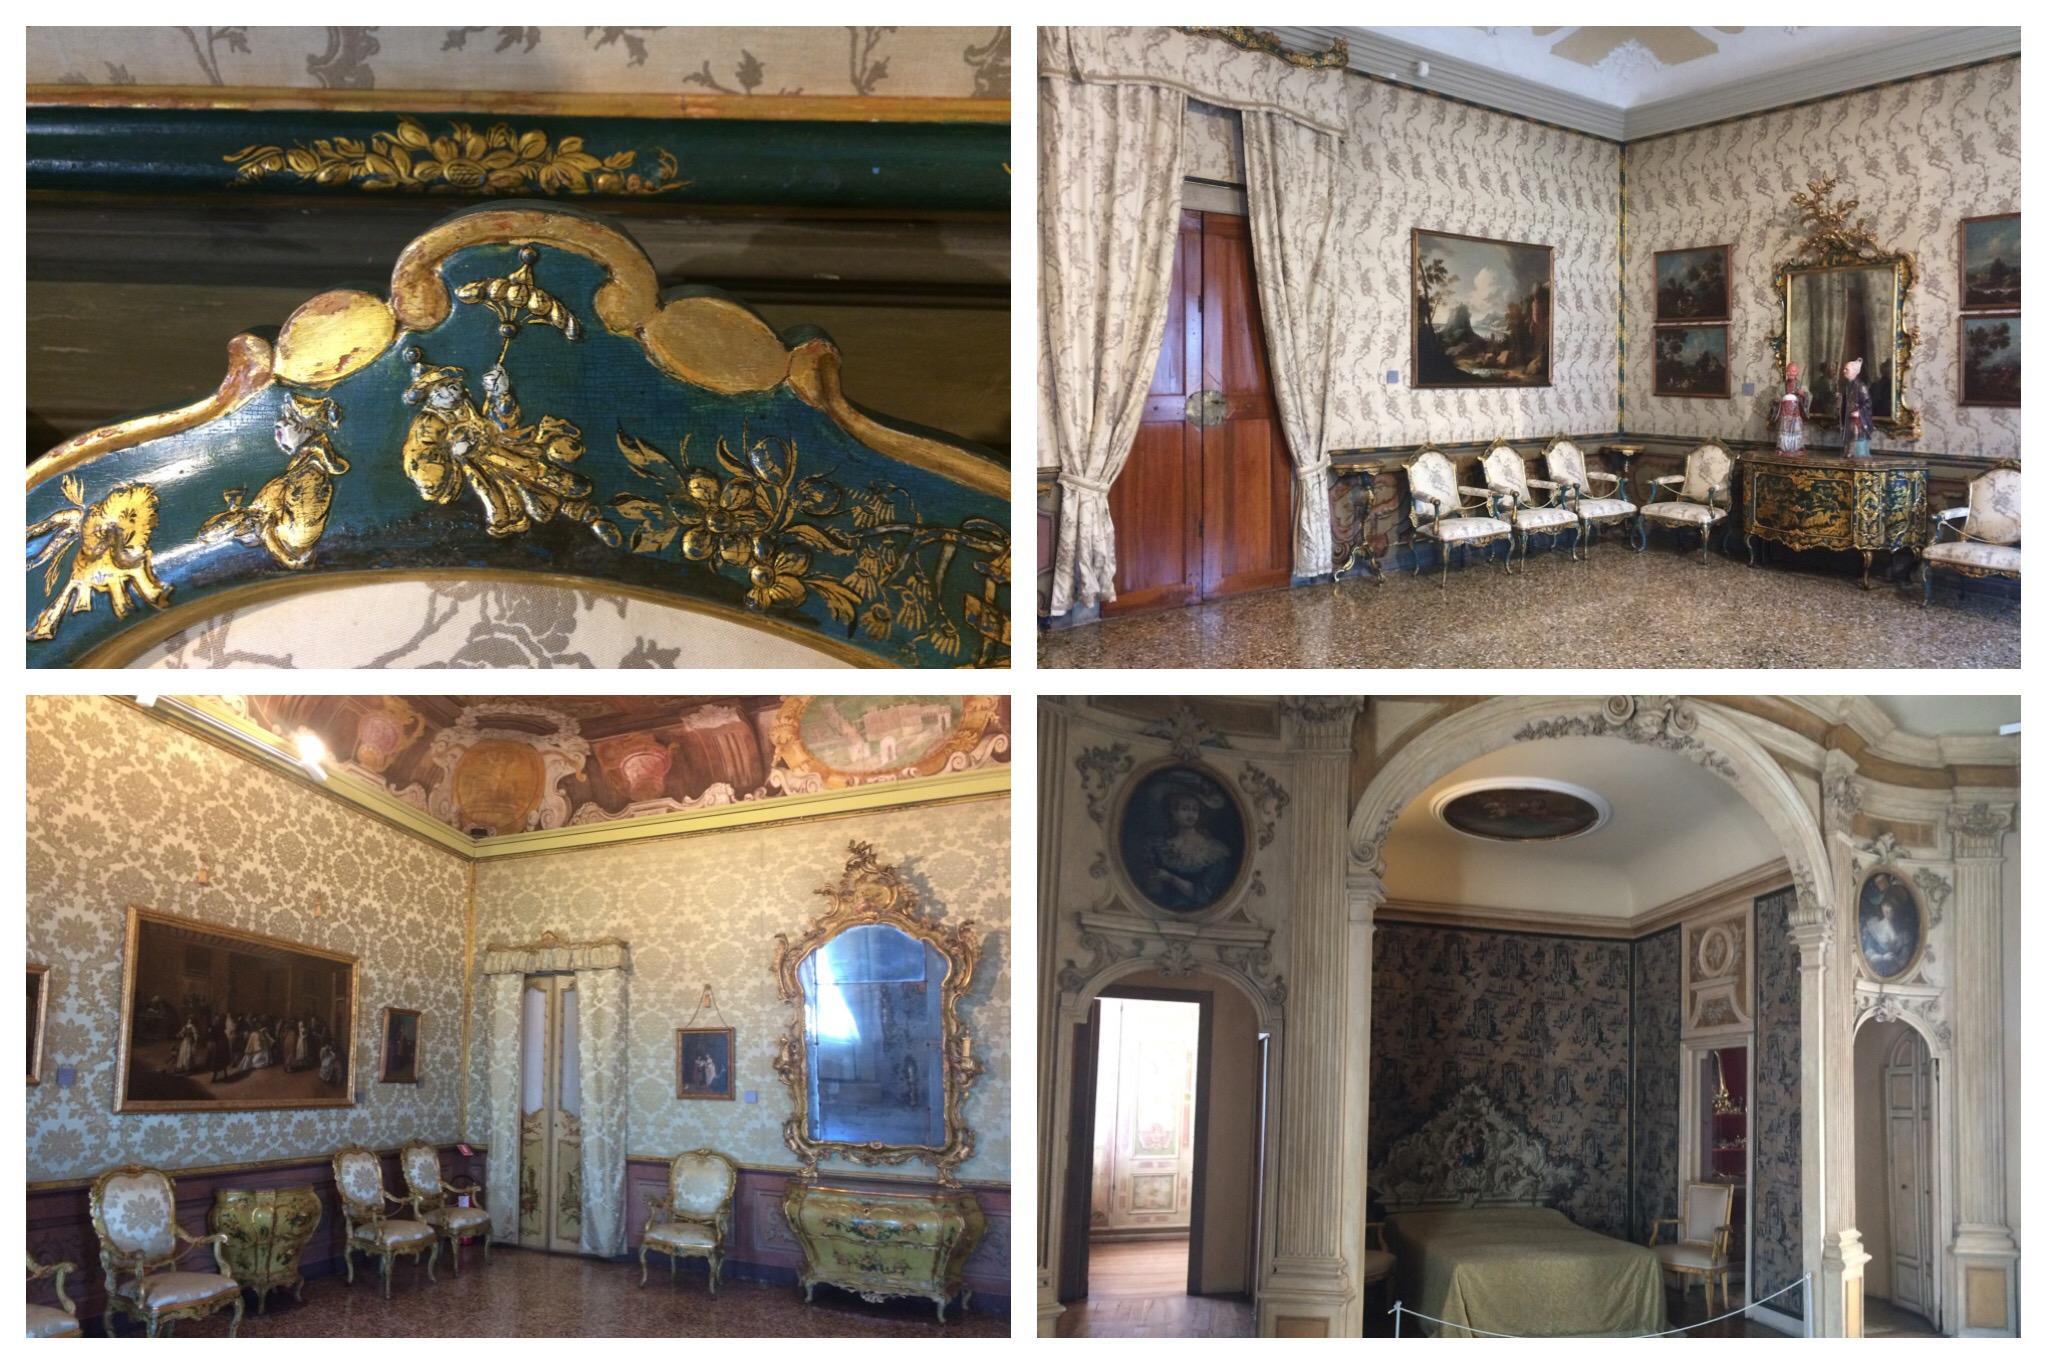 Venice Ca' Rezzonico room details